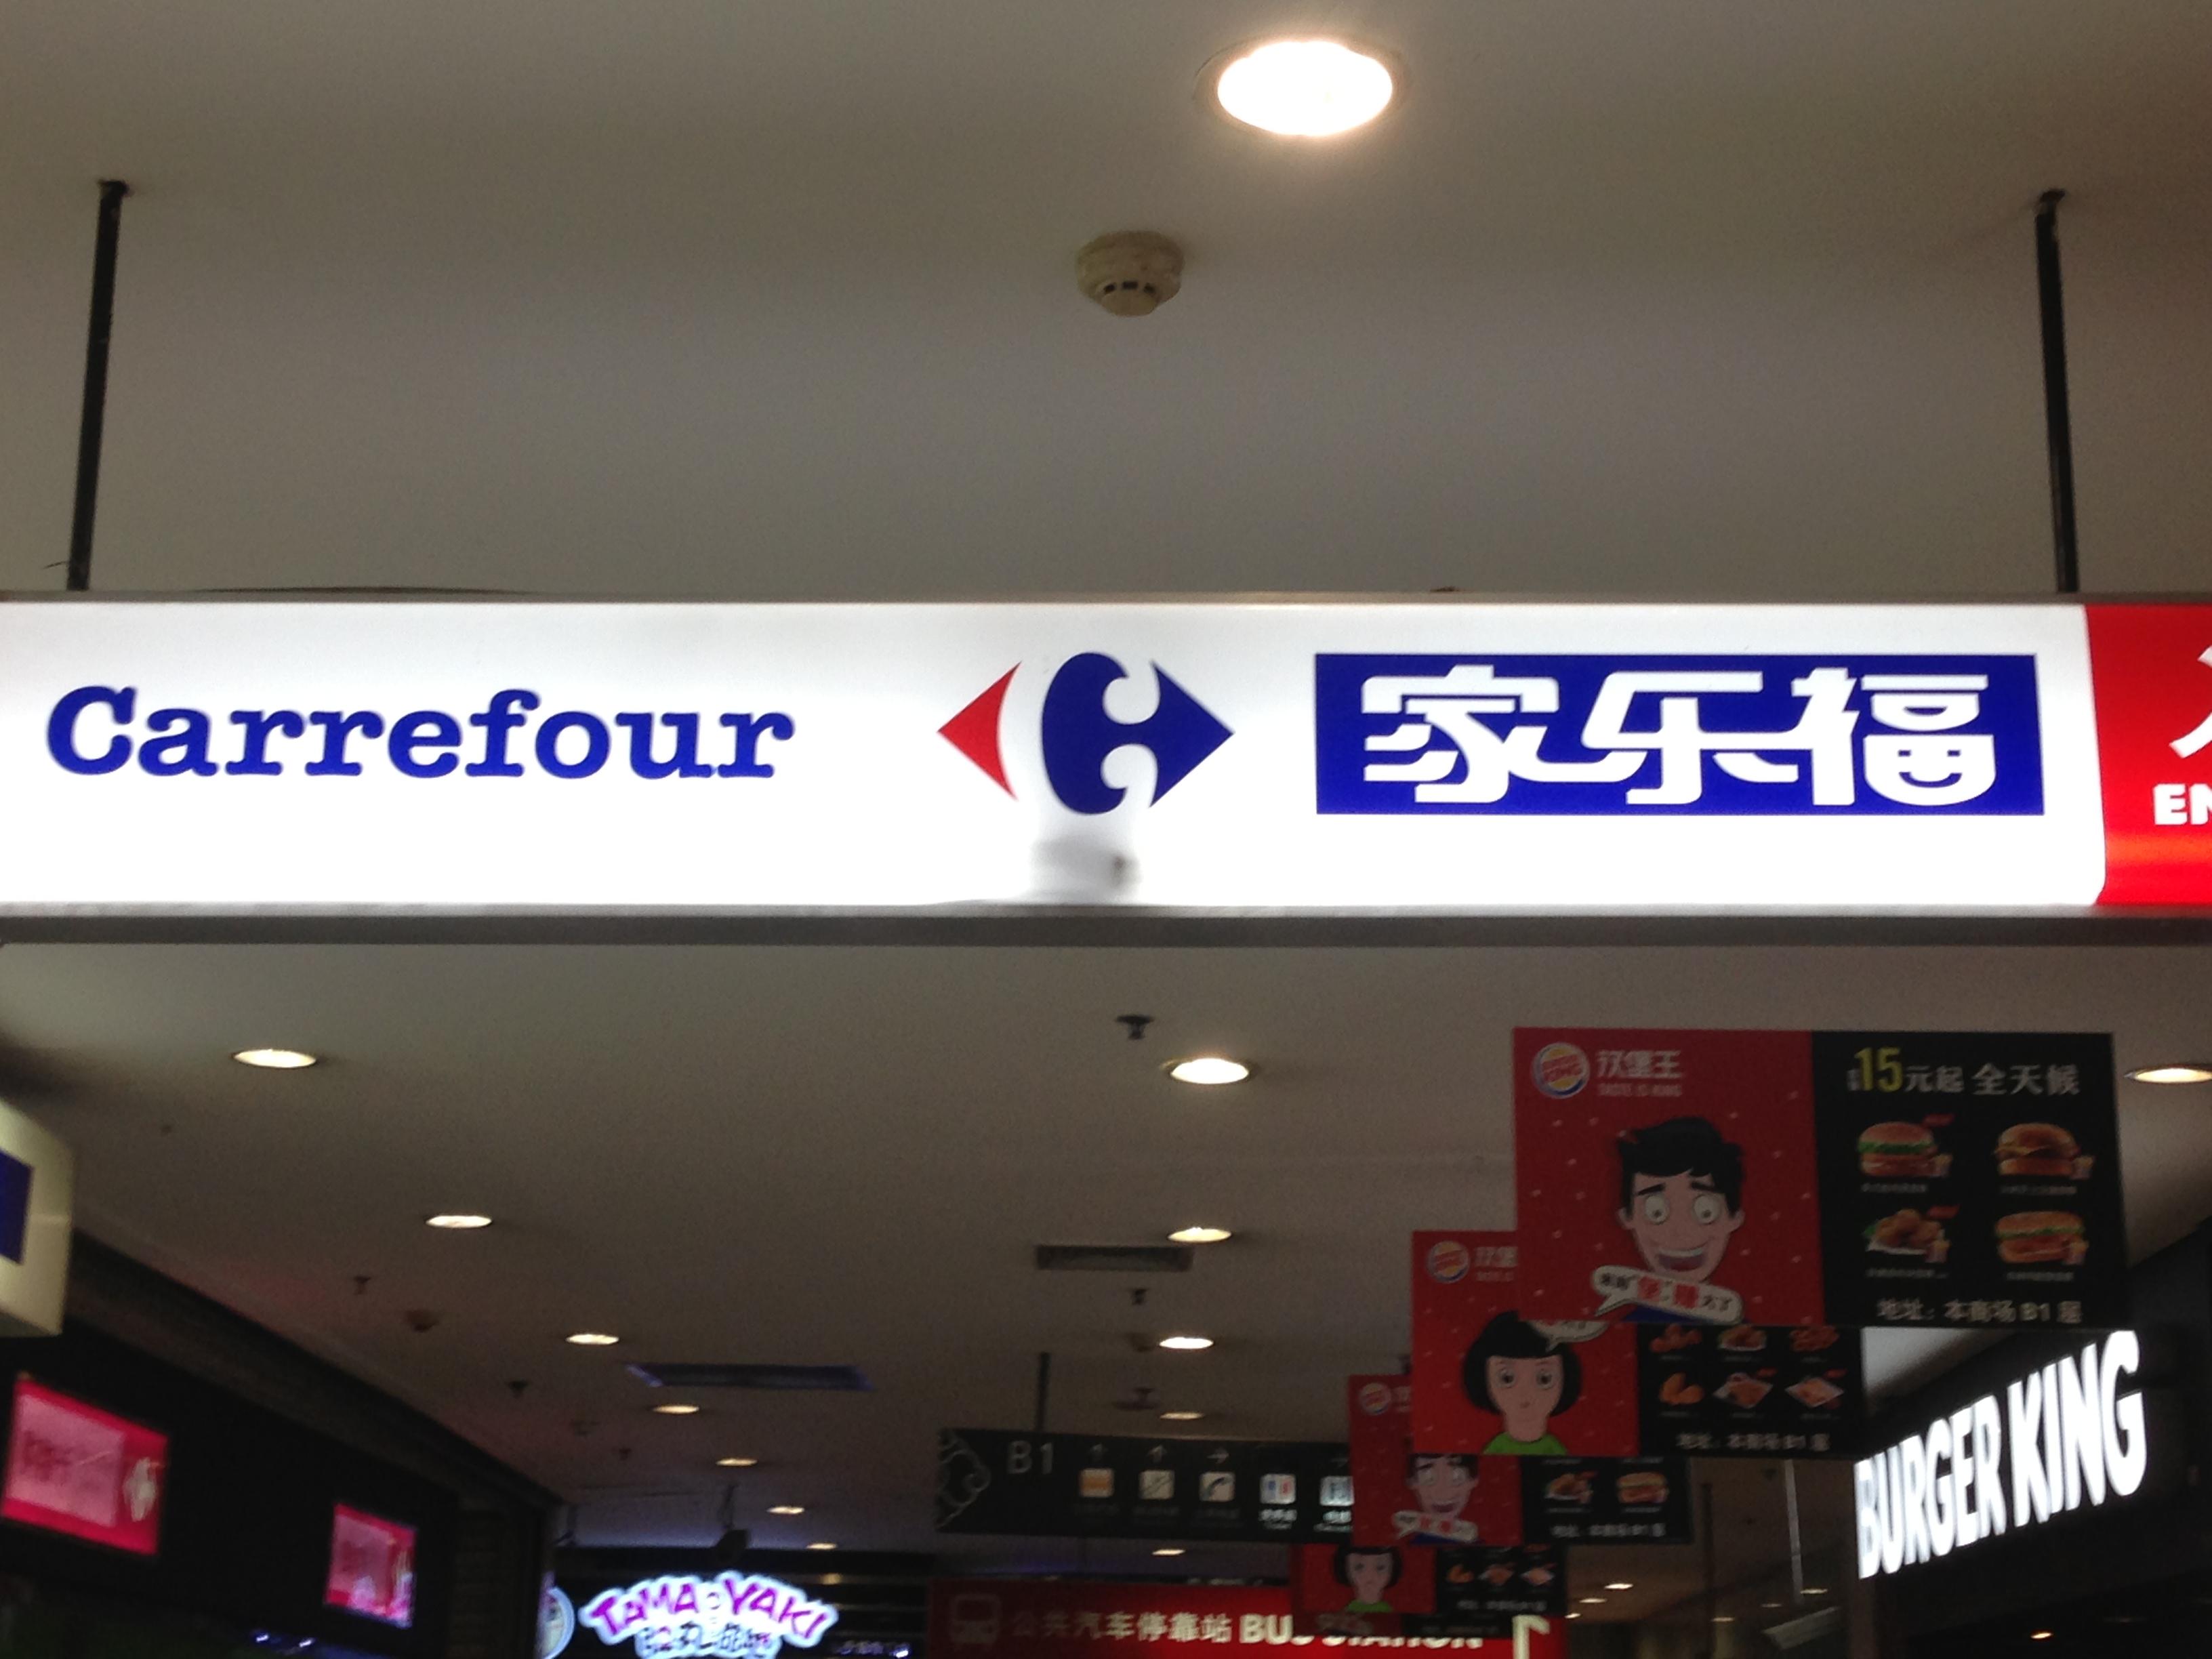 carefour in china Carrefournet, el portal de proveedores del grupo carrefour, tiene como objetivo ofrecer mayor transparencia en los procesos y herramientas de intercambio de.